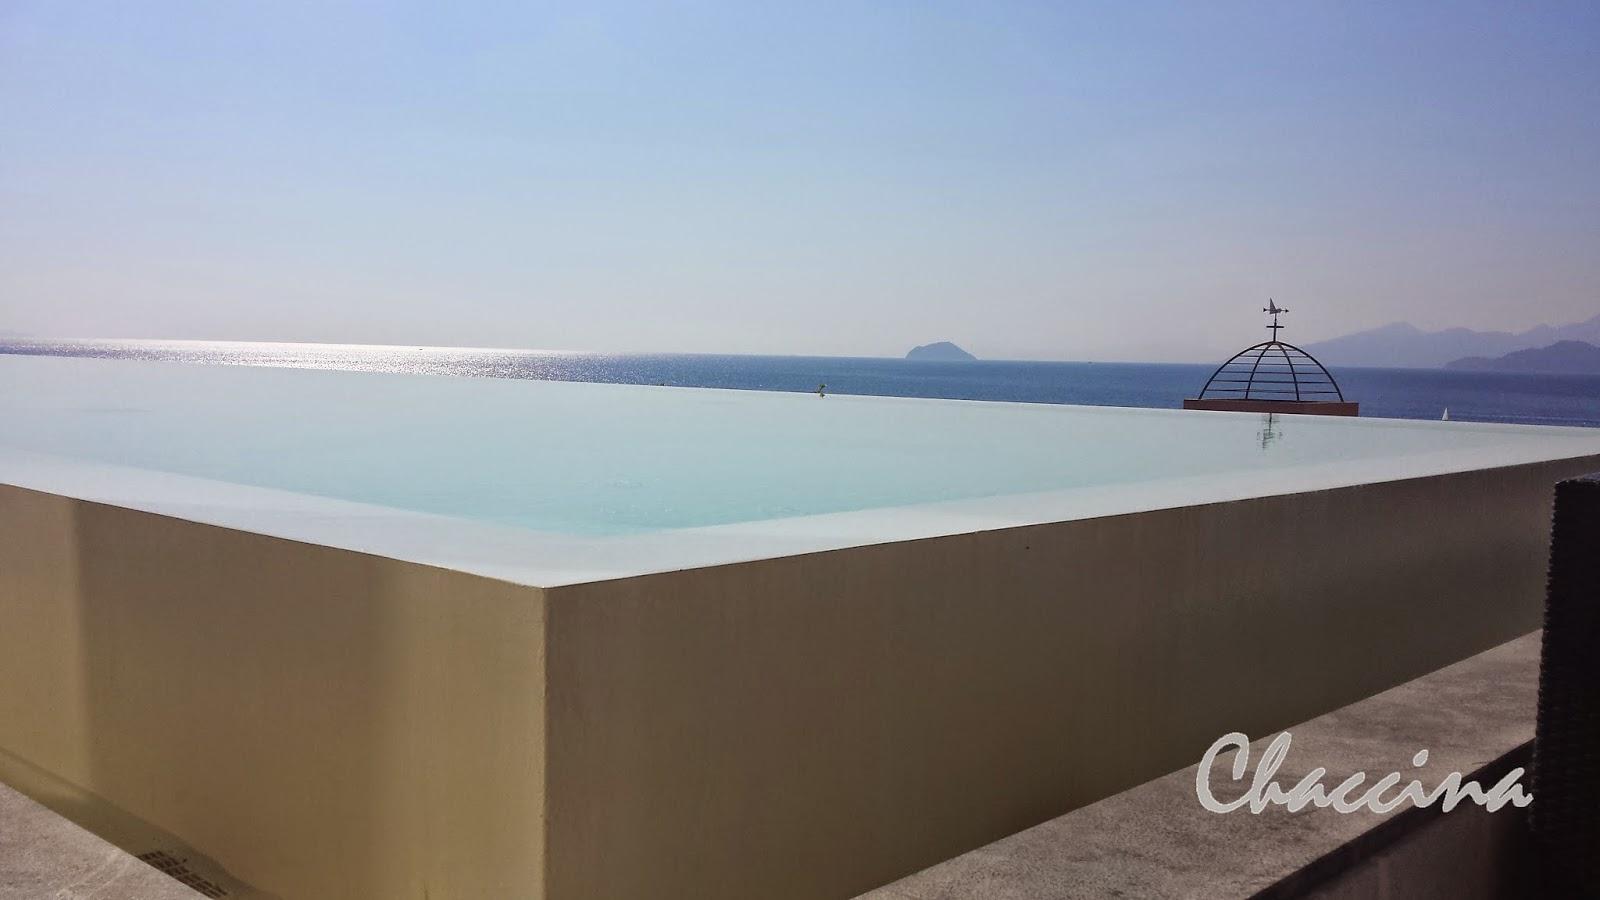 Ausblick auf das Meer / Chaccina Lifestyleblog